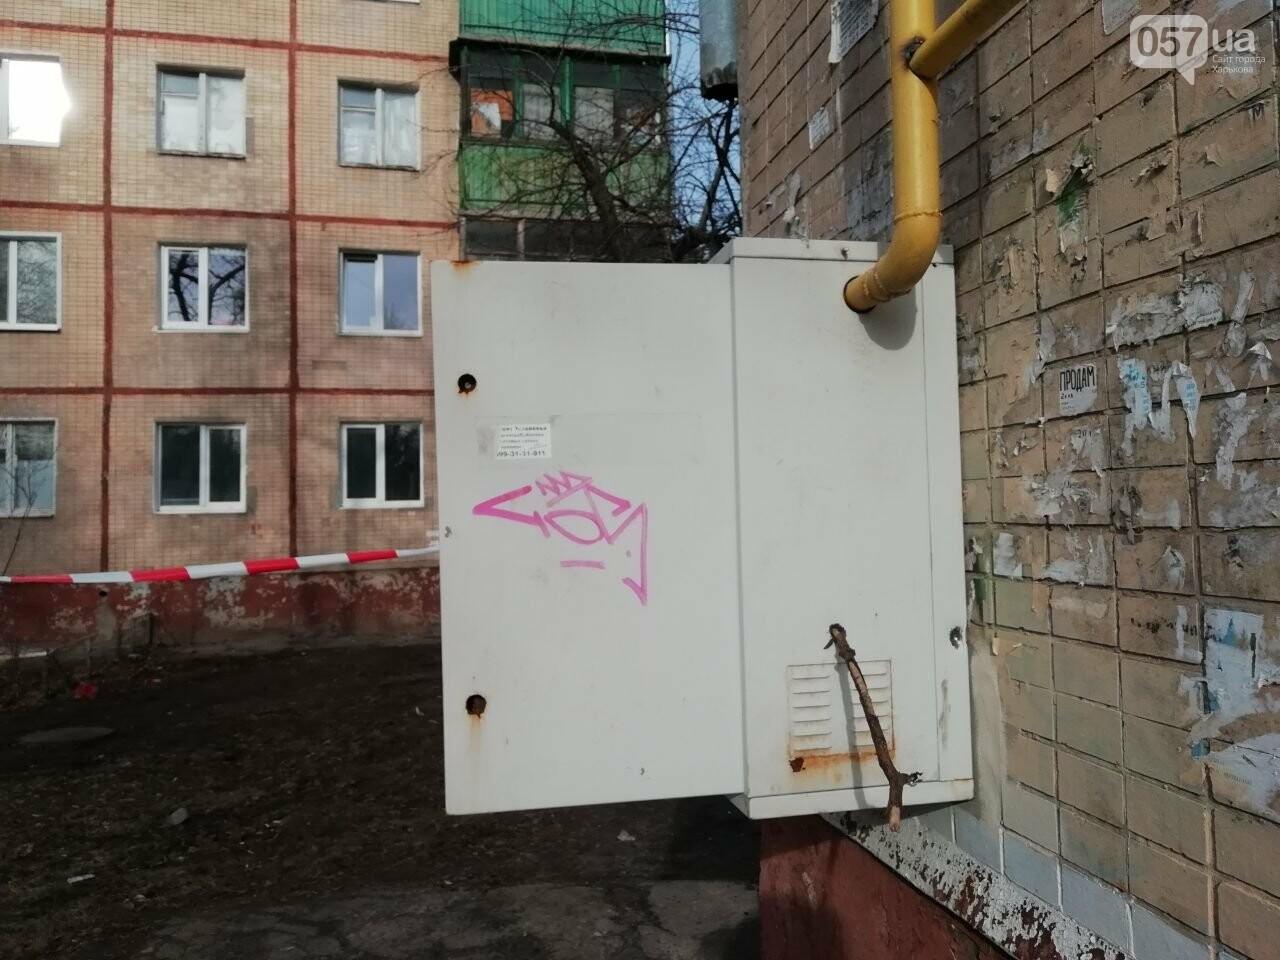 Выстрелы возле дома и неизвестные в масках: что рассказали жители о стрельбе на Московском проспекте, - ФОТО, фото-14